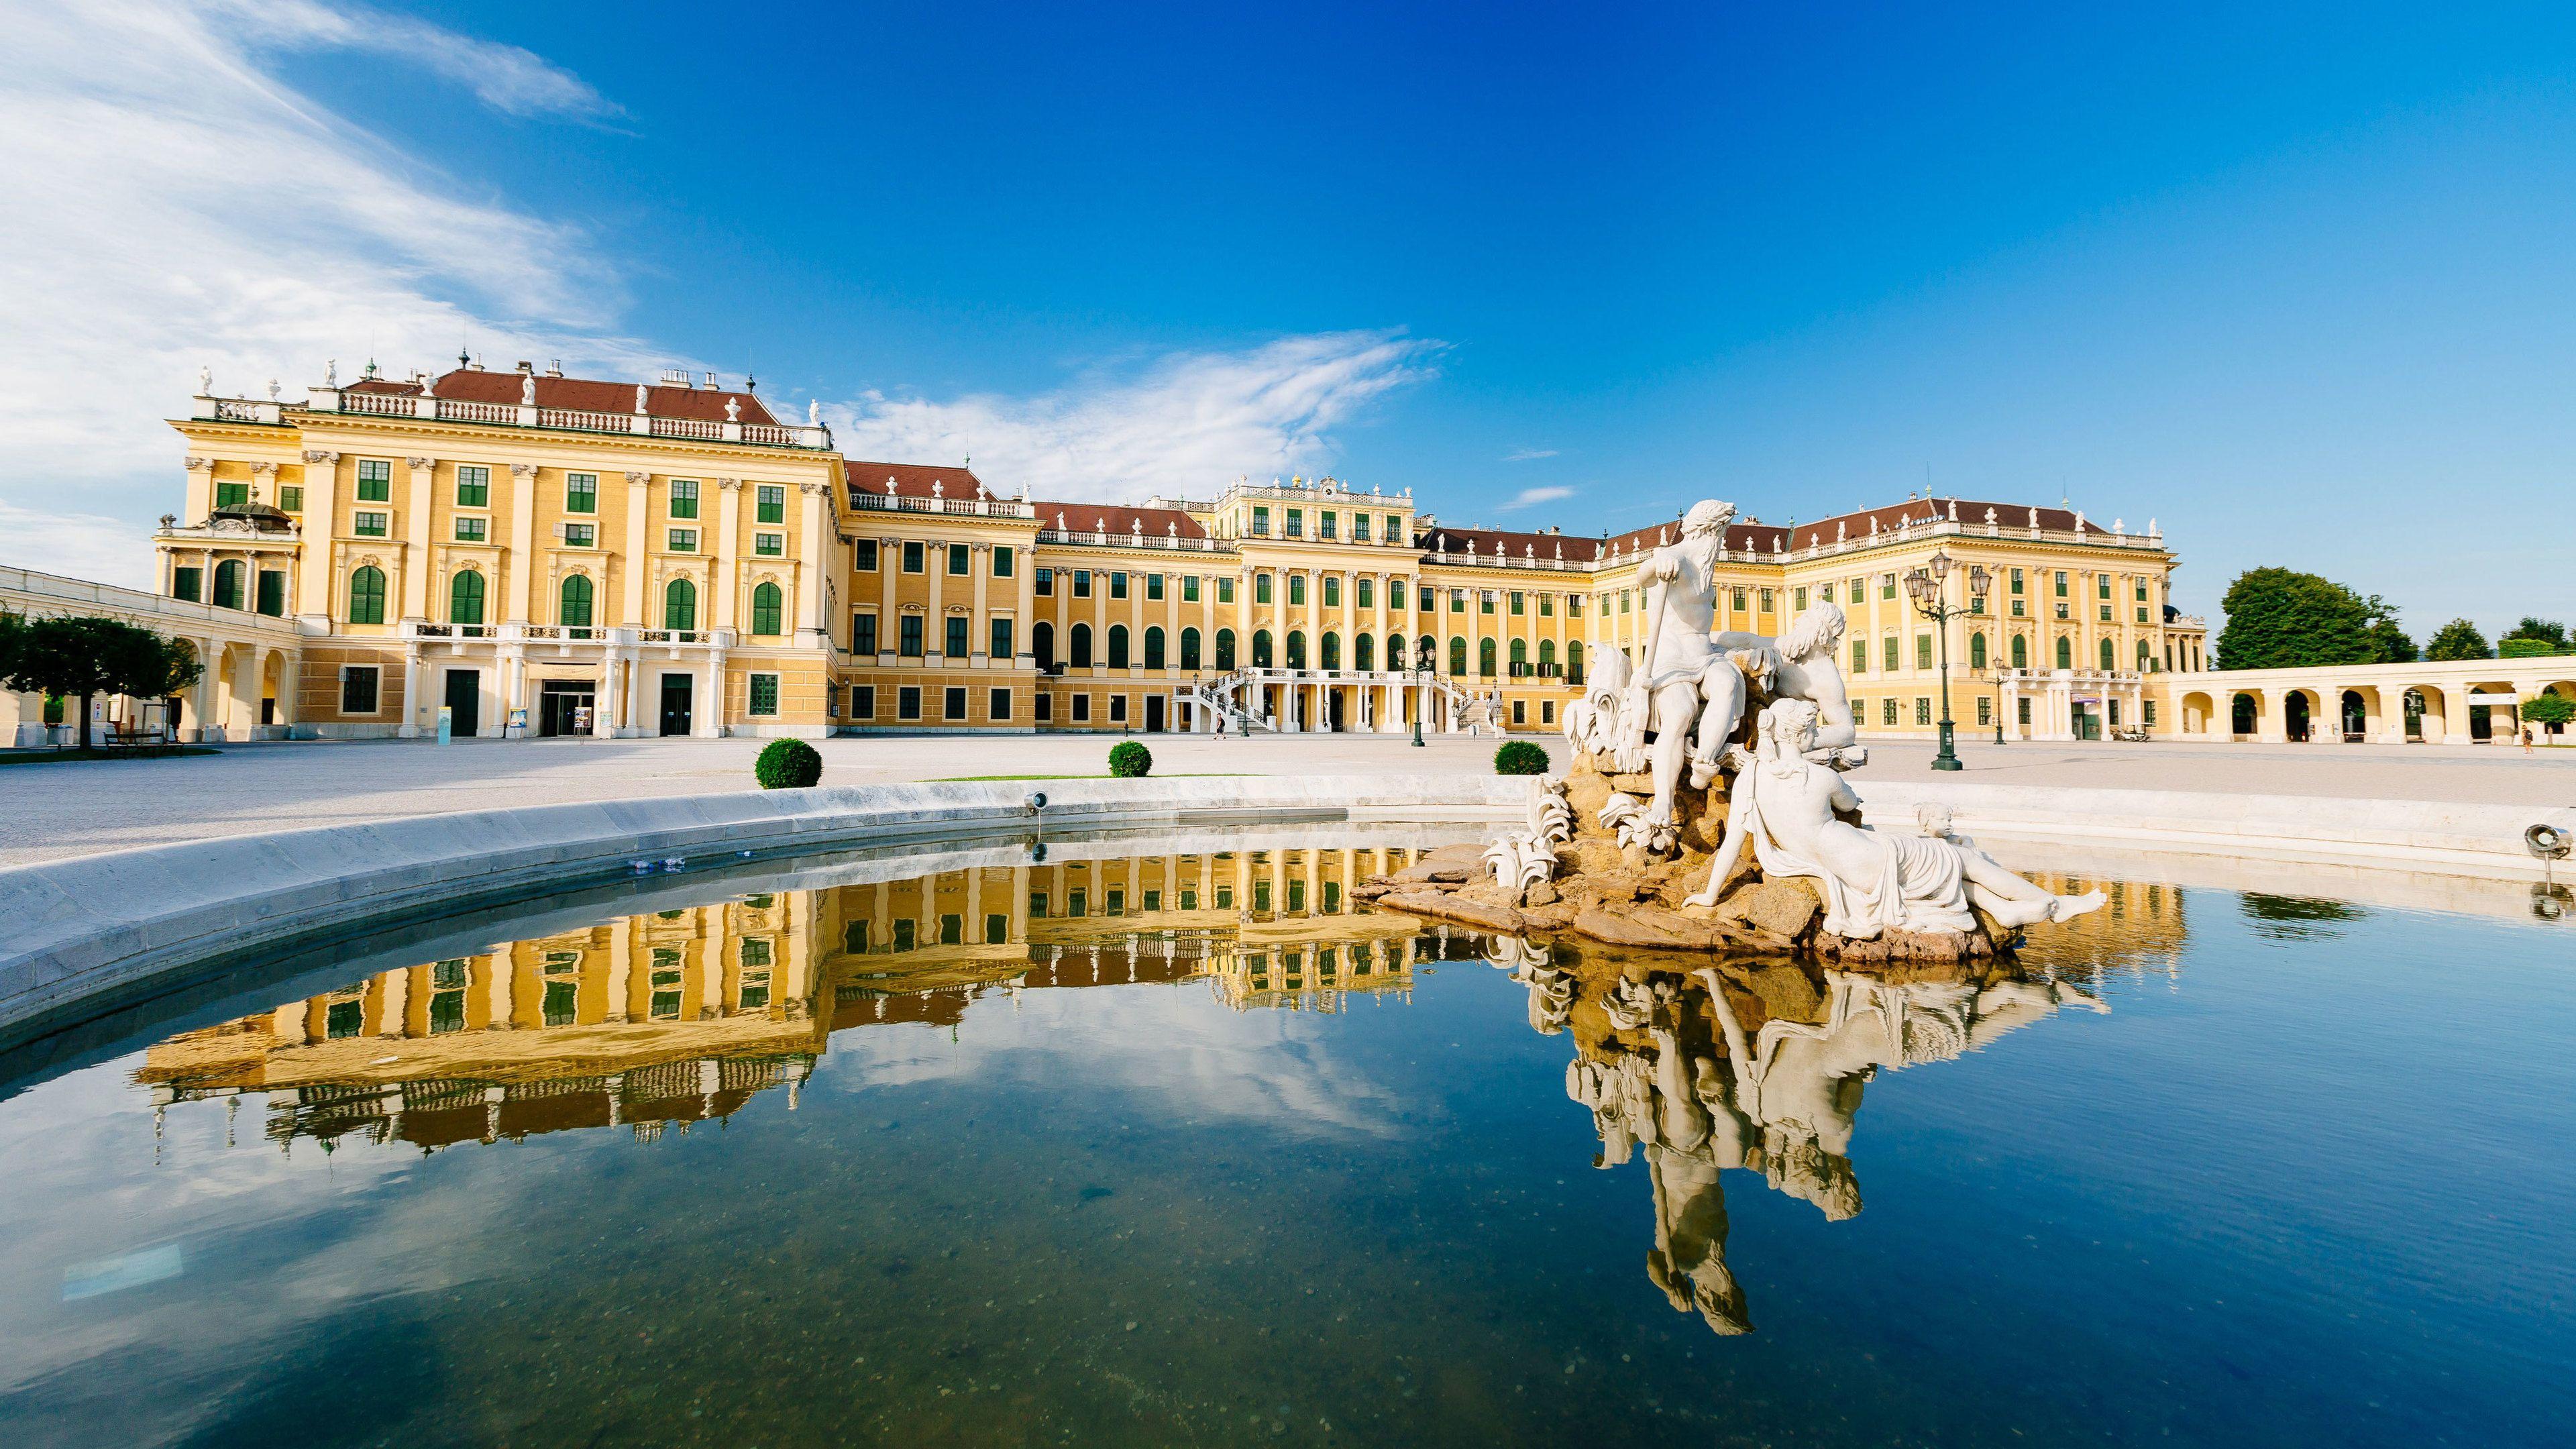 Schönbrunnin linna ja kaupunkikierros, sisäänpääsy jonottamatta